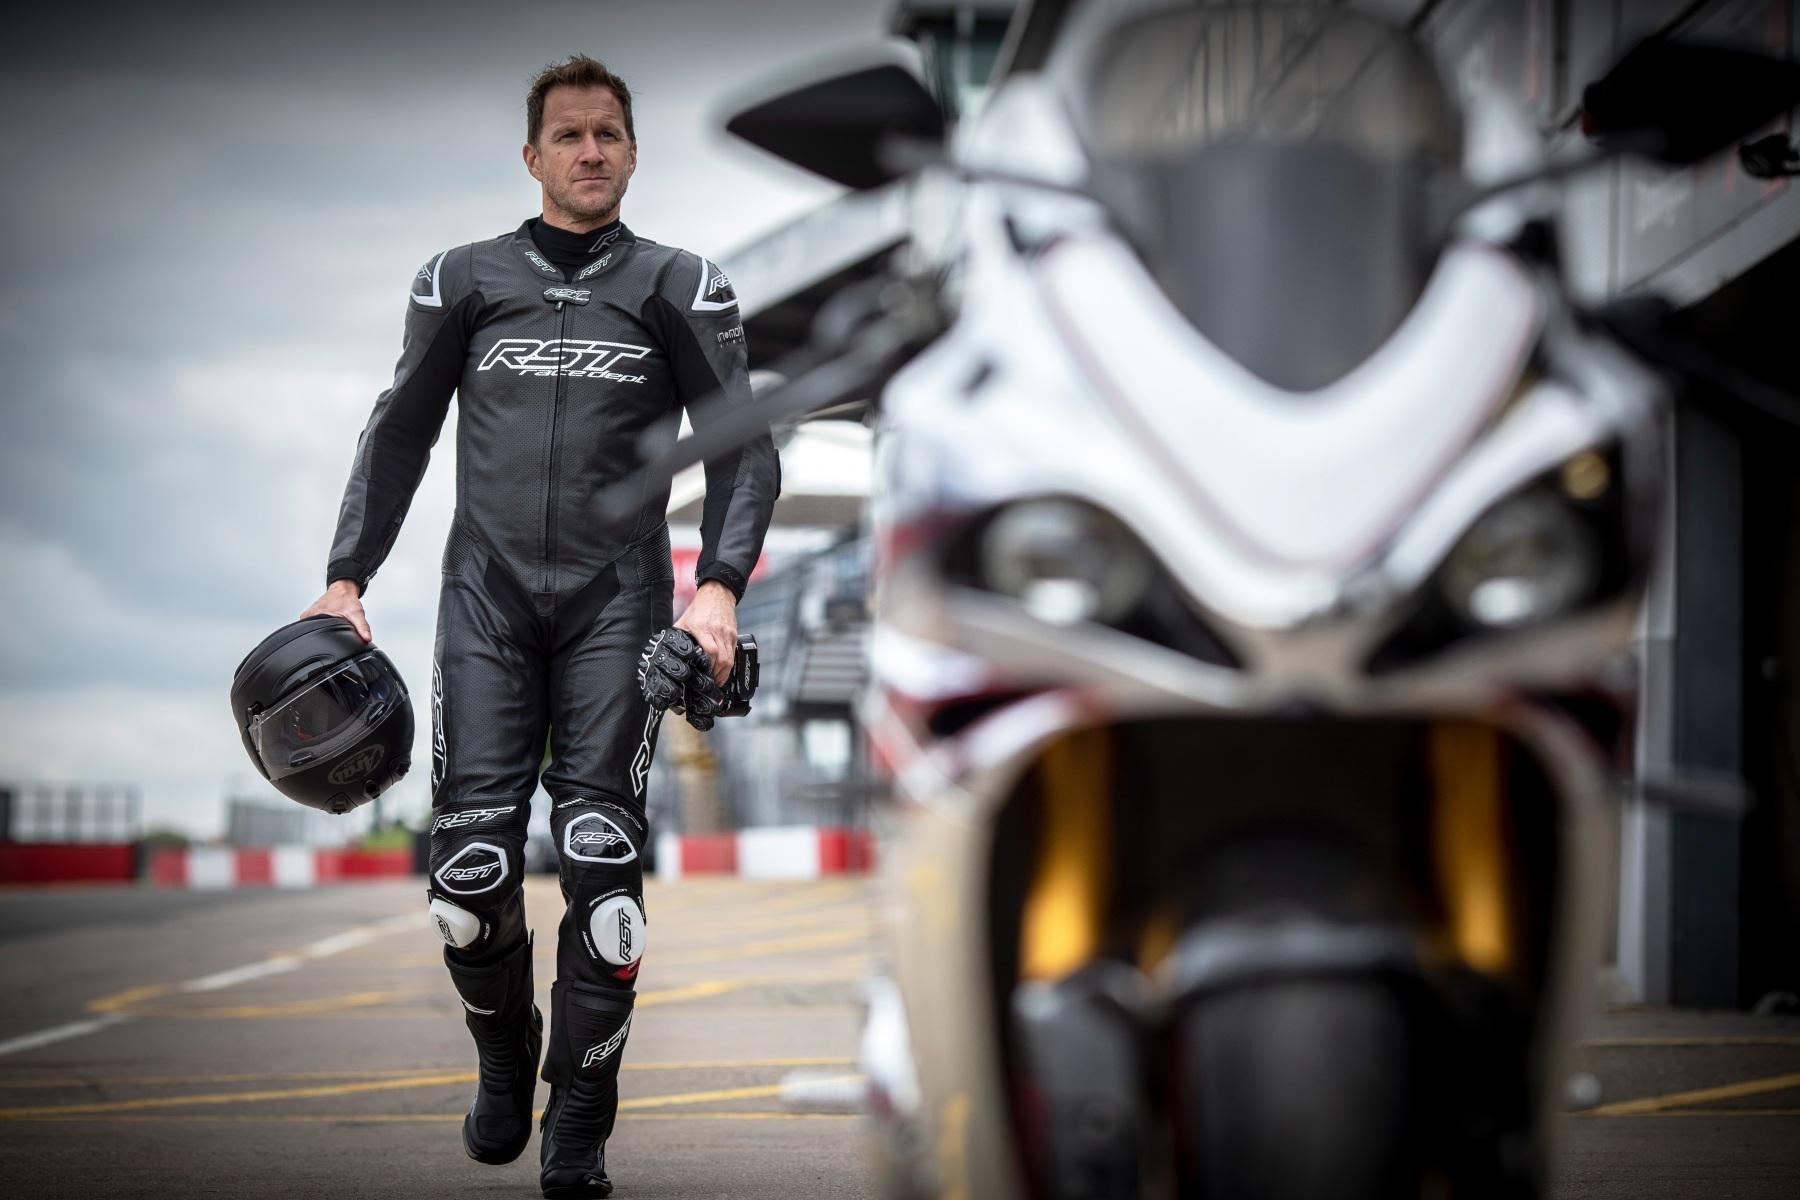 102551-rst-race-dept-v4-1-one-piece-suit-black-lifestyle-02